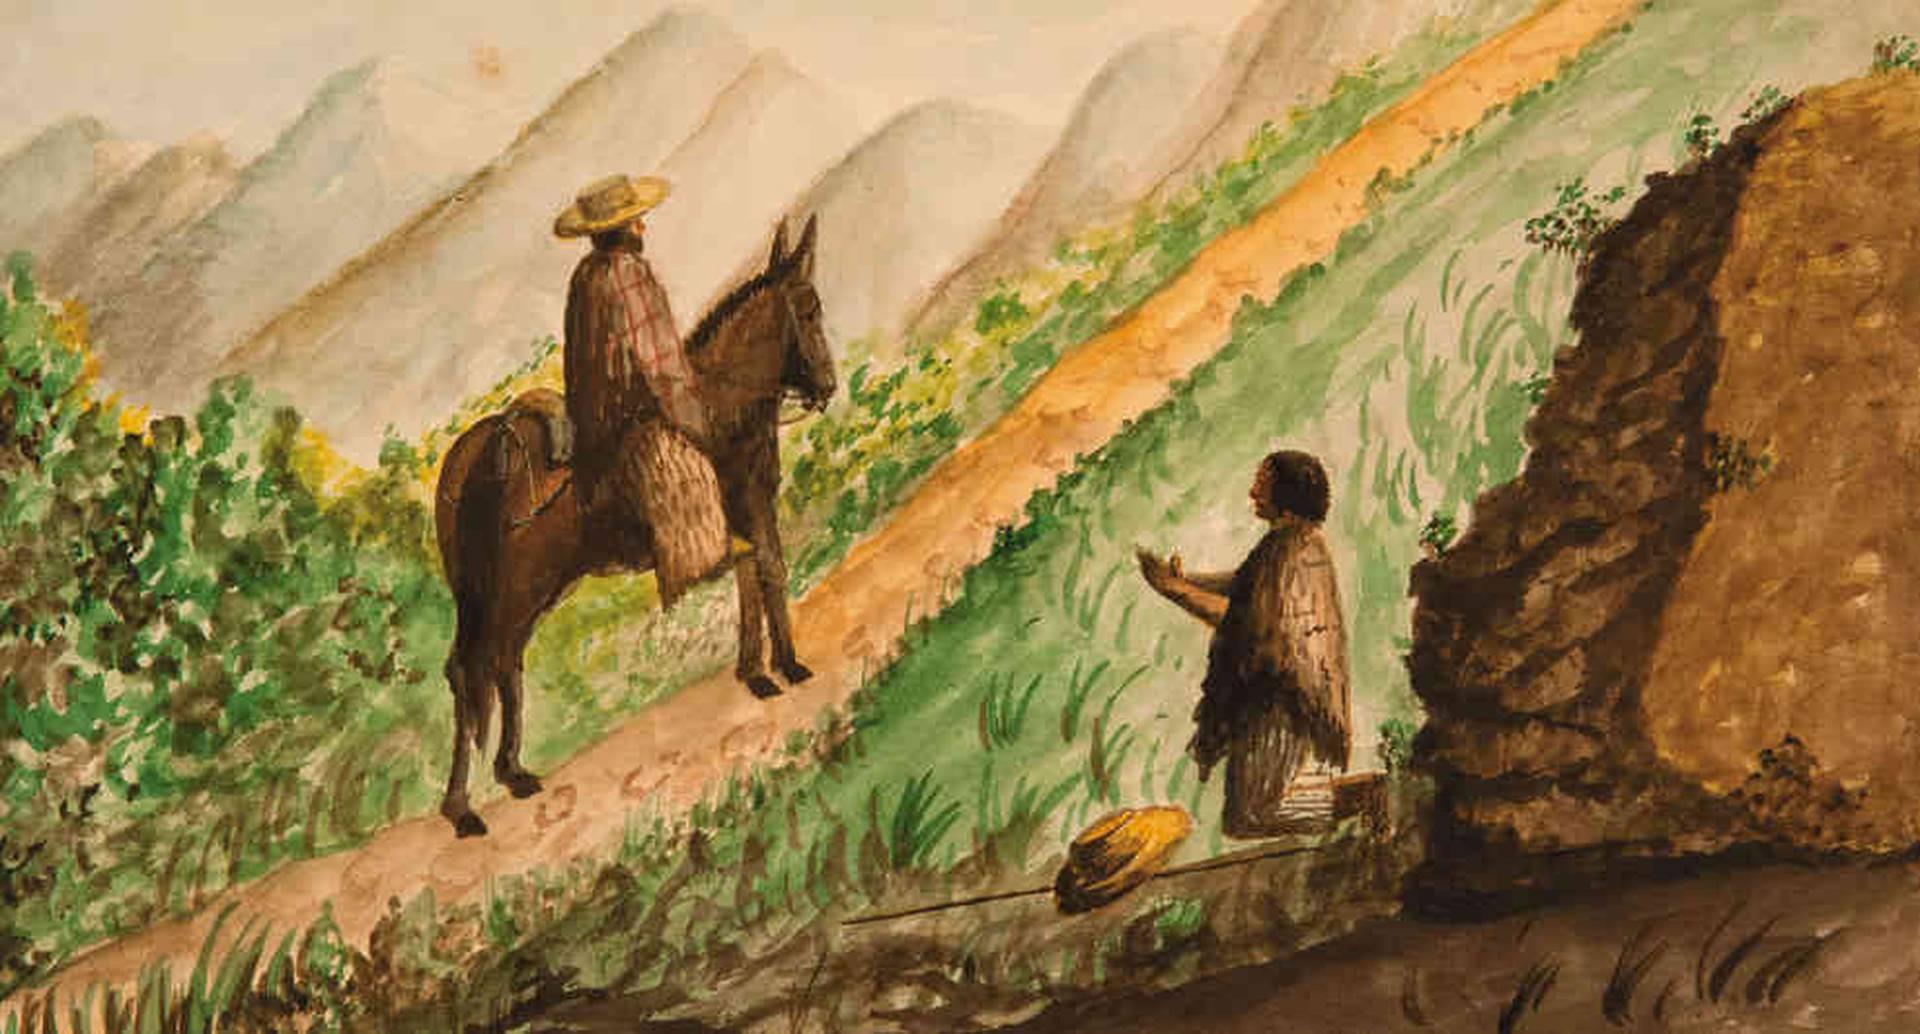 A lo largo de la vida republicana los indígenas se organizaron para defender sus resguardos y obtener el derecho a la tierra.